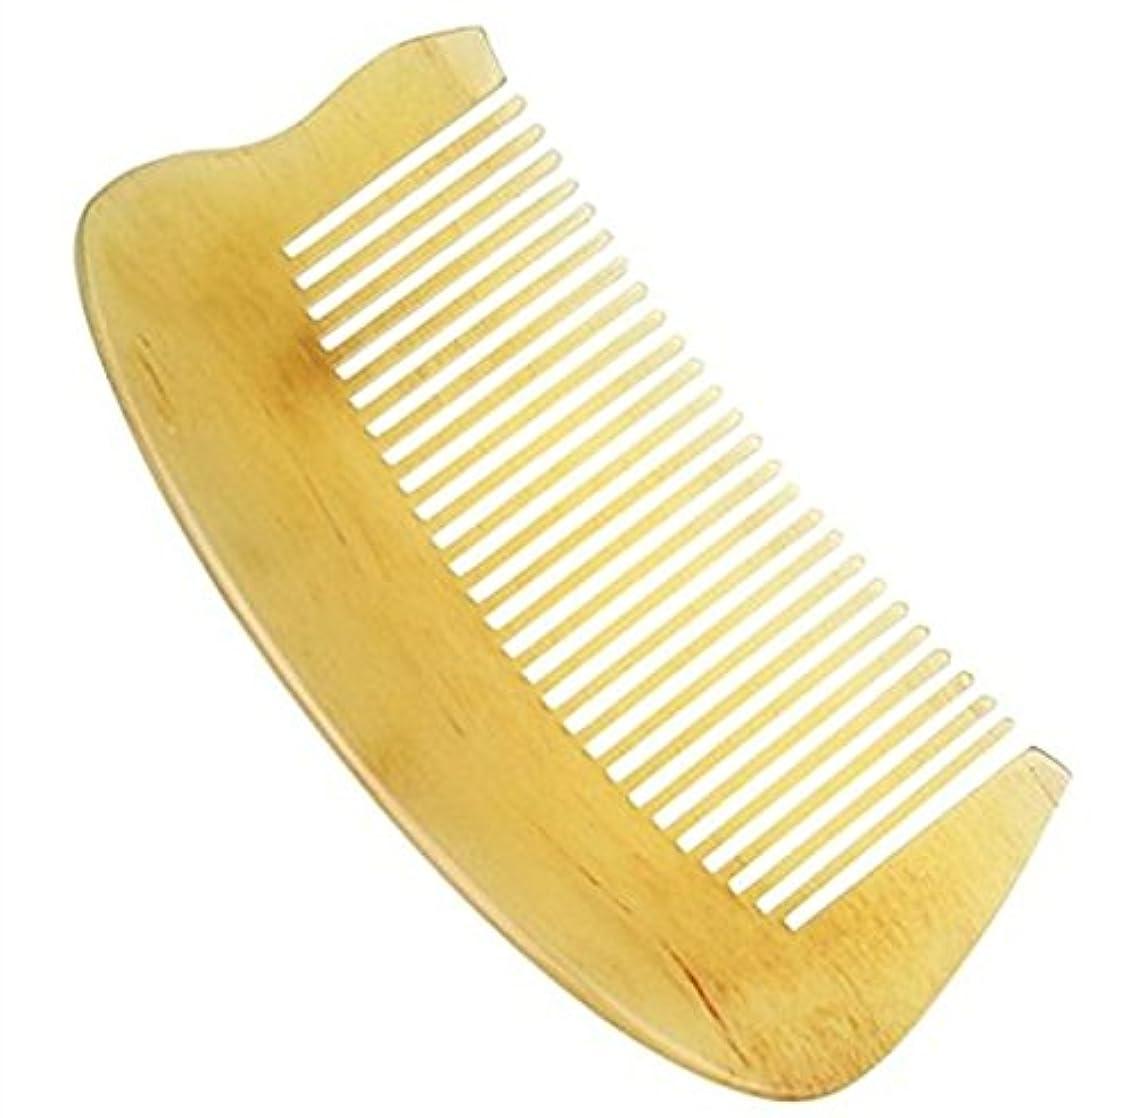 解放する優しいキモい櫛型 プロも使う羊角かっさプレート マサージ用 血行改善 高級 天然 静電気 防止 美髪